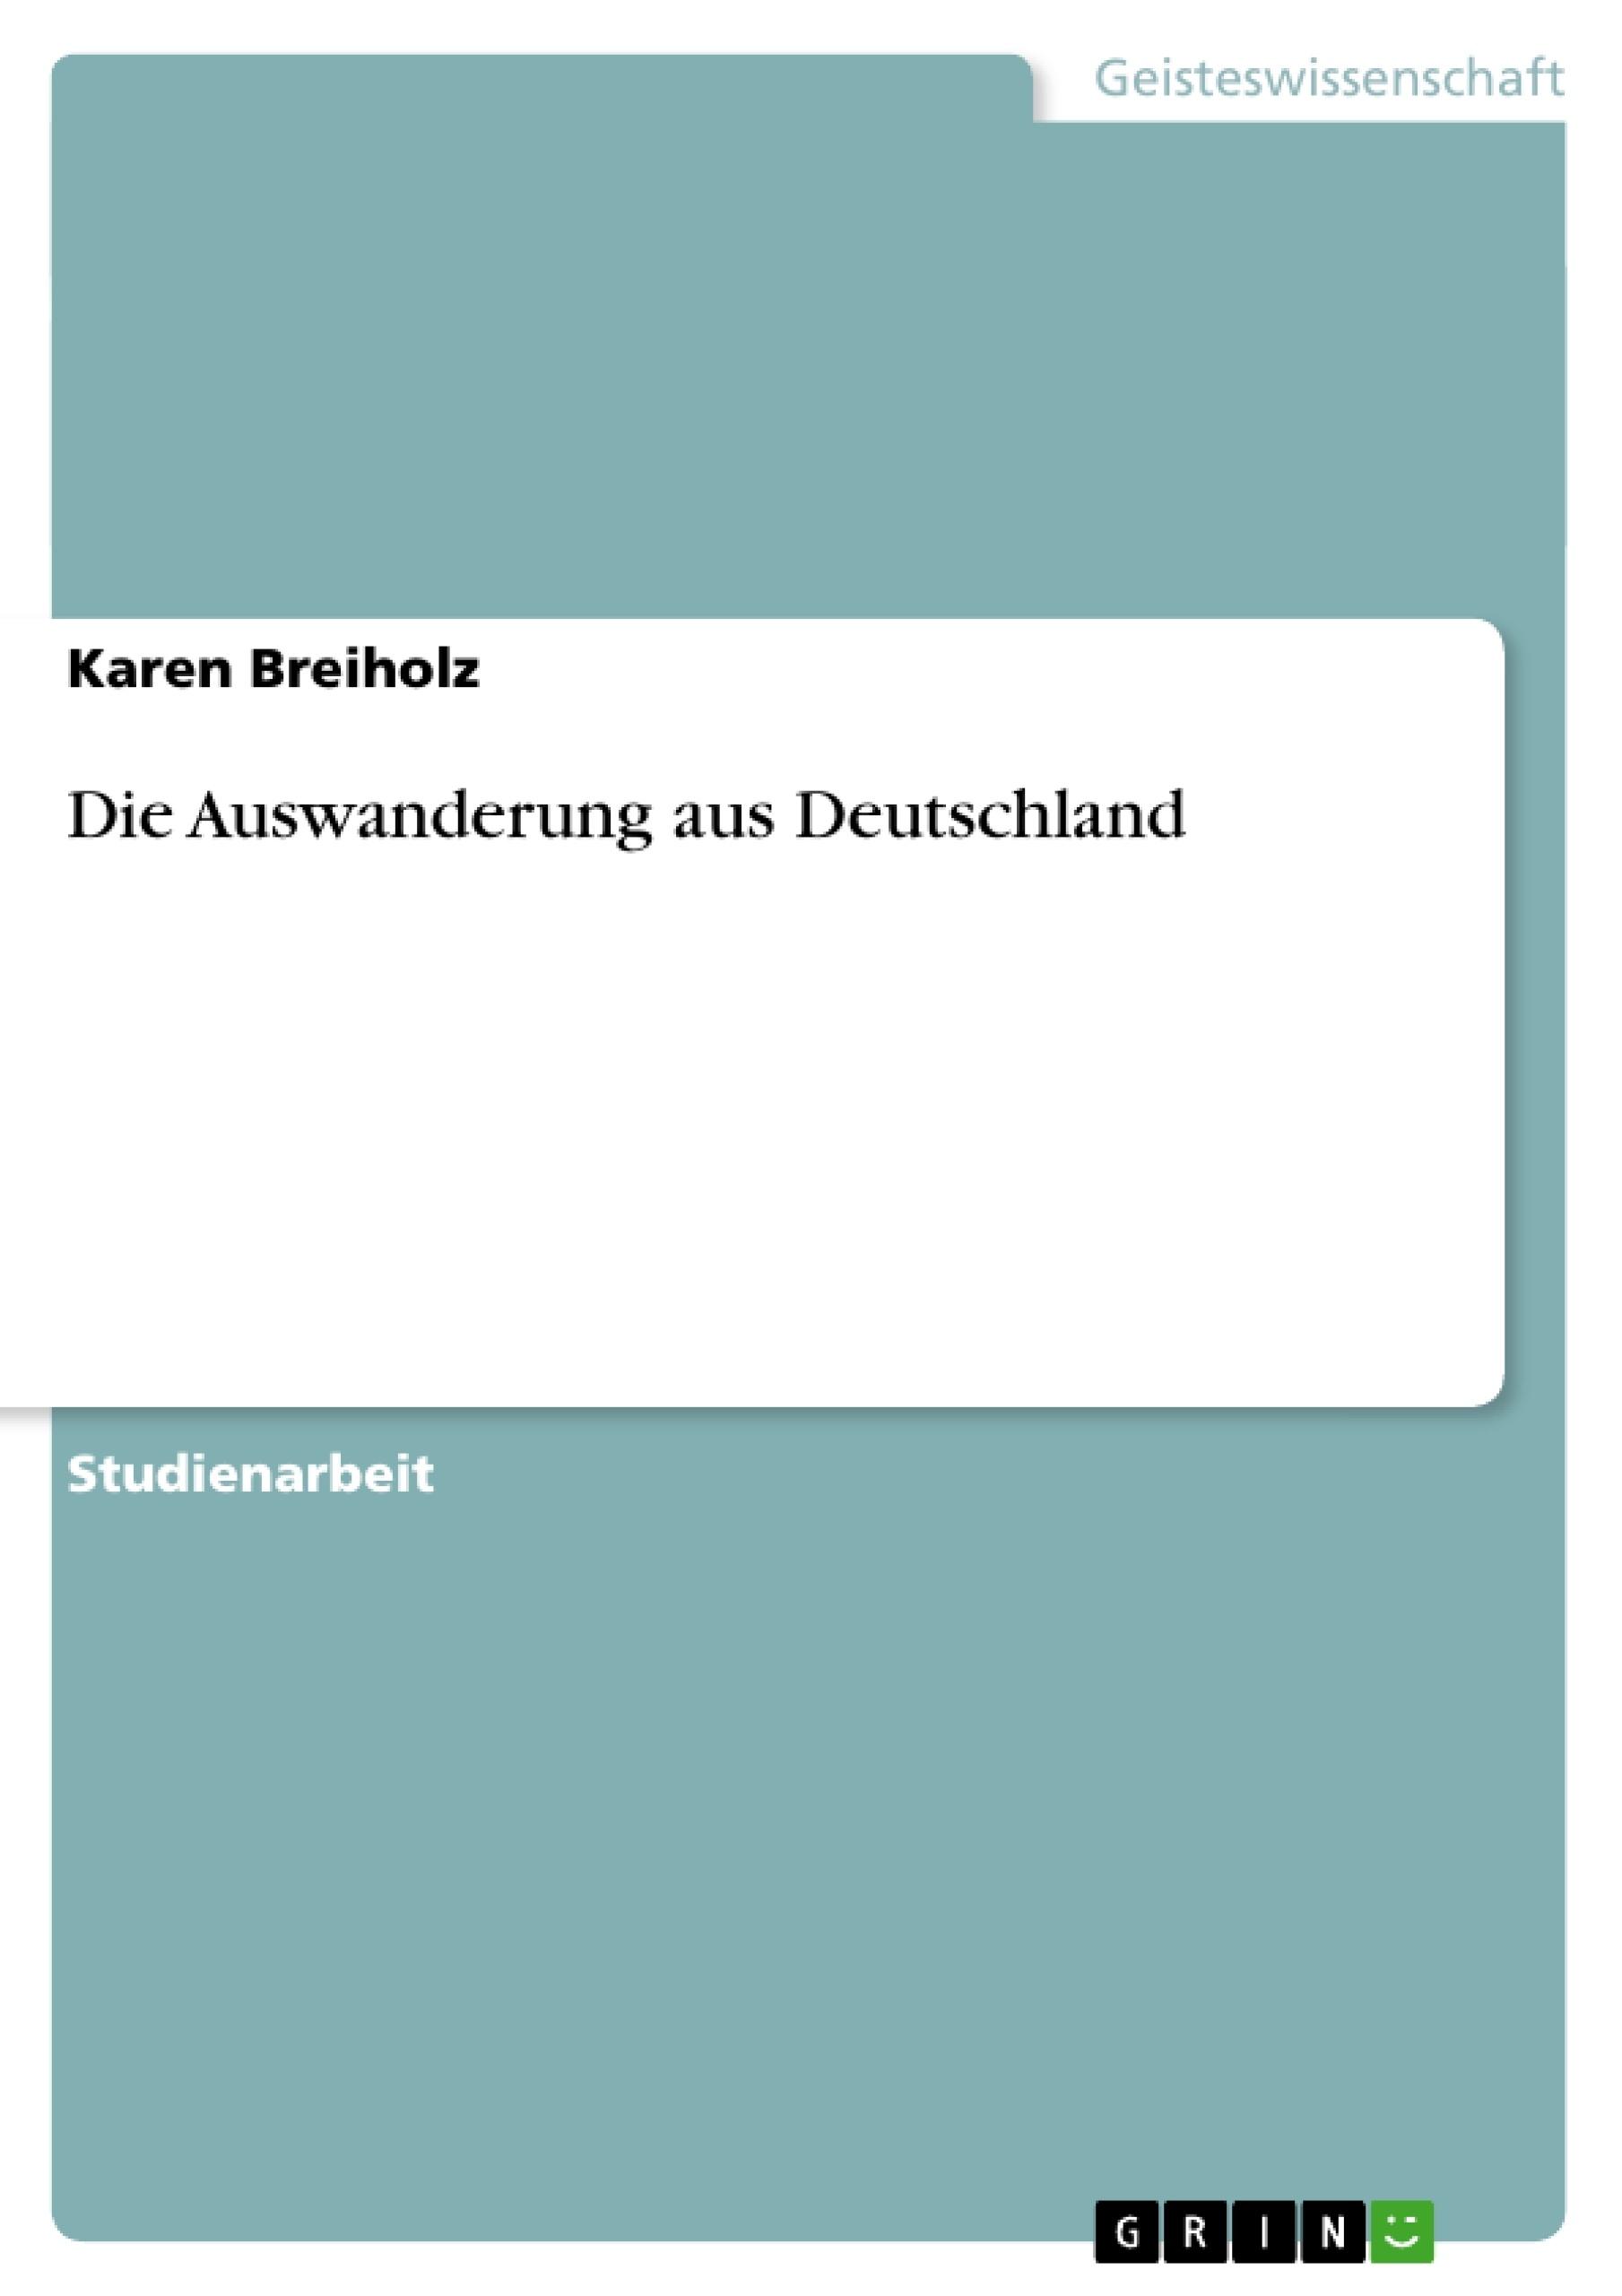 Titel: Die Auswanderung aus Deutschland